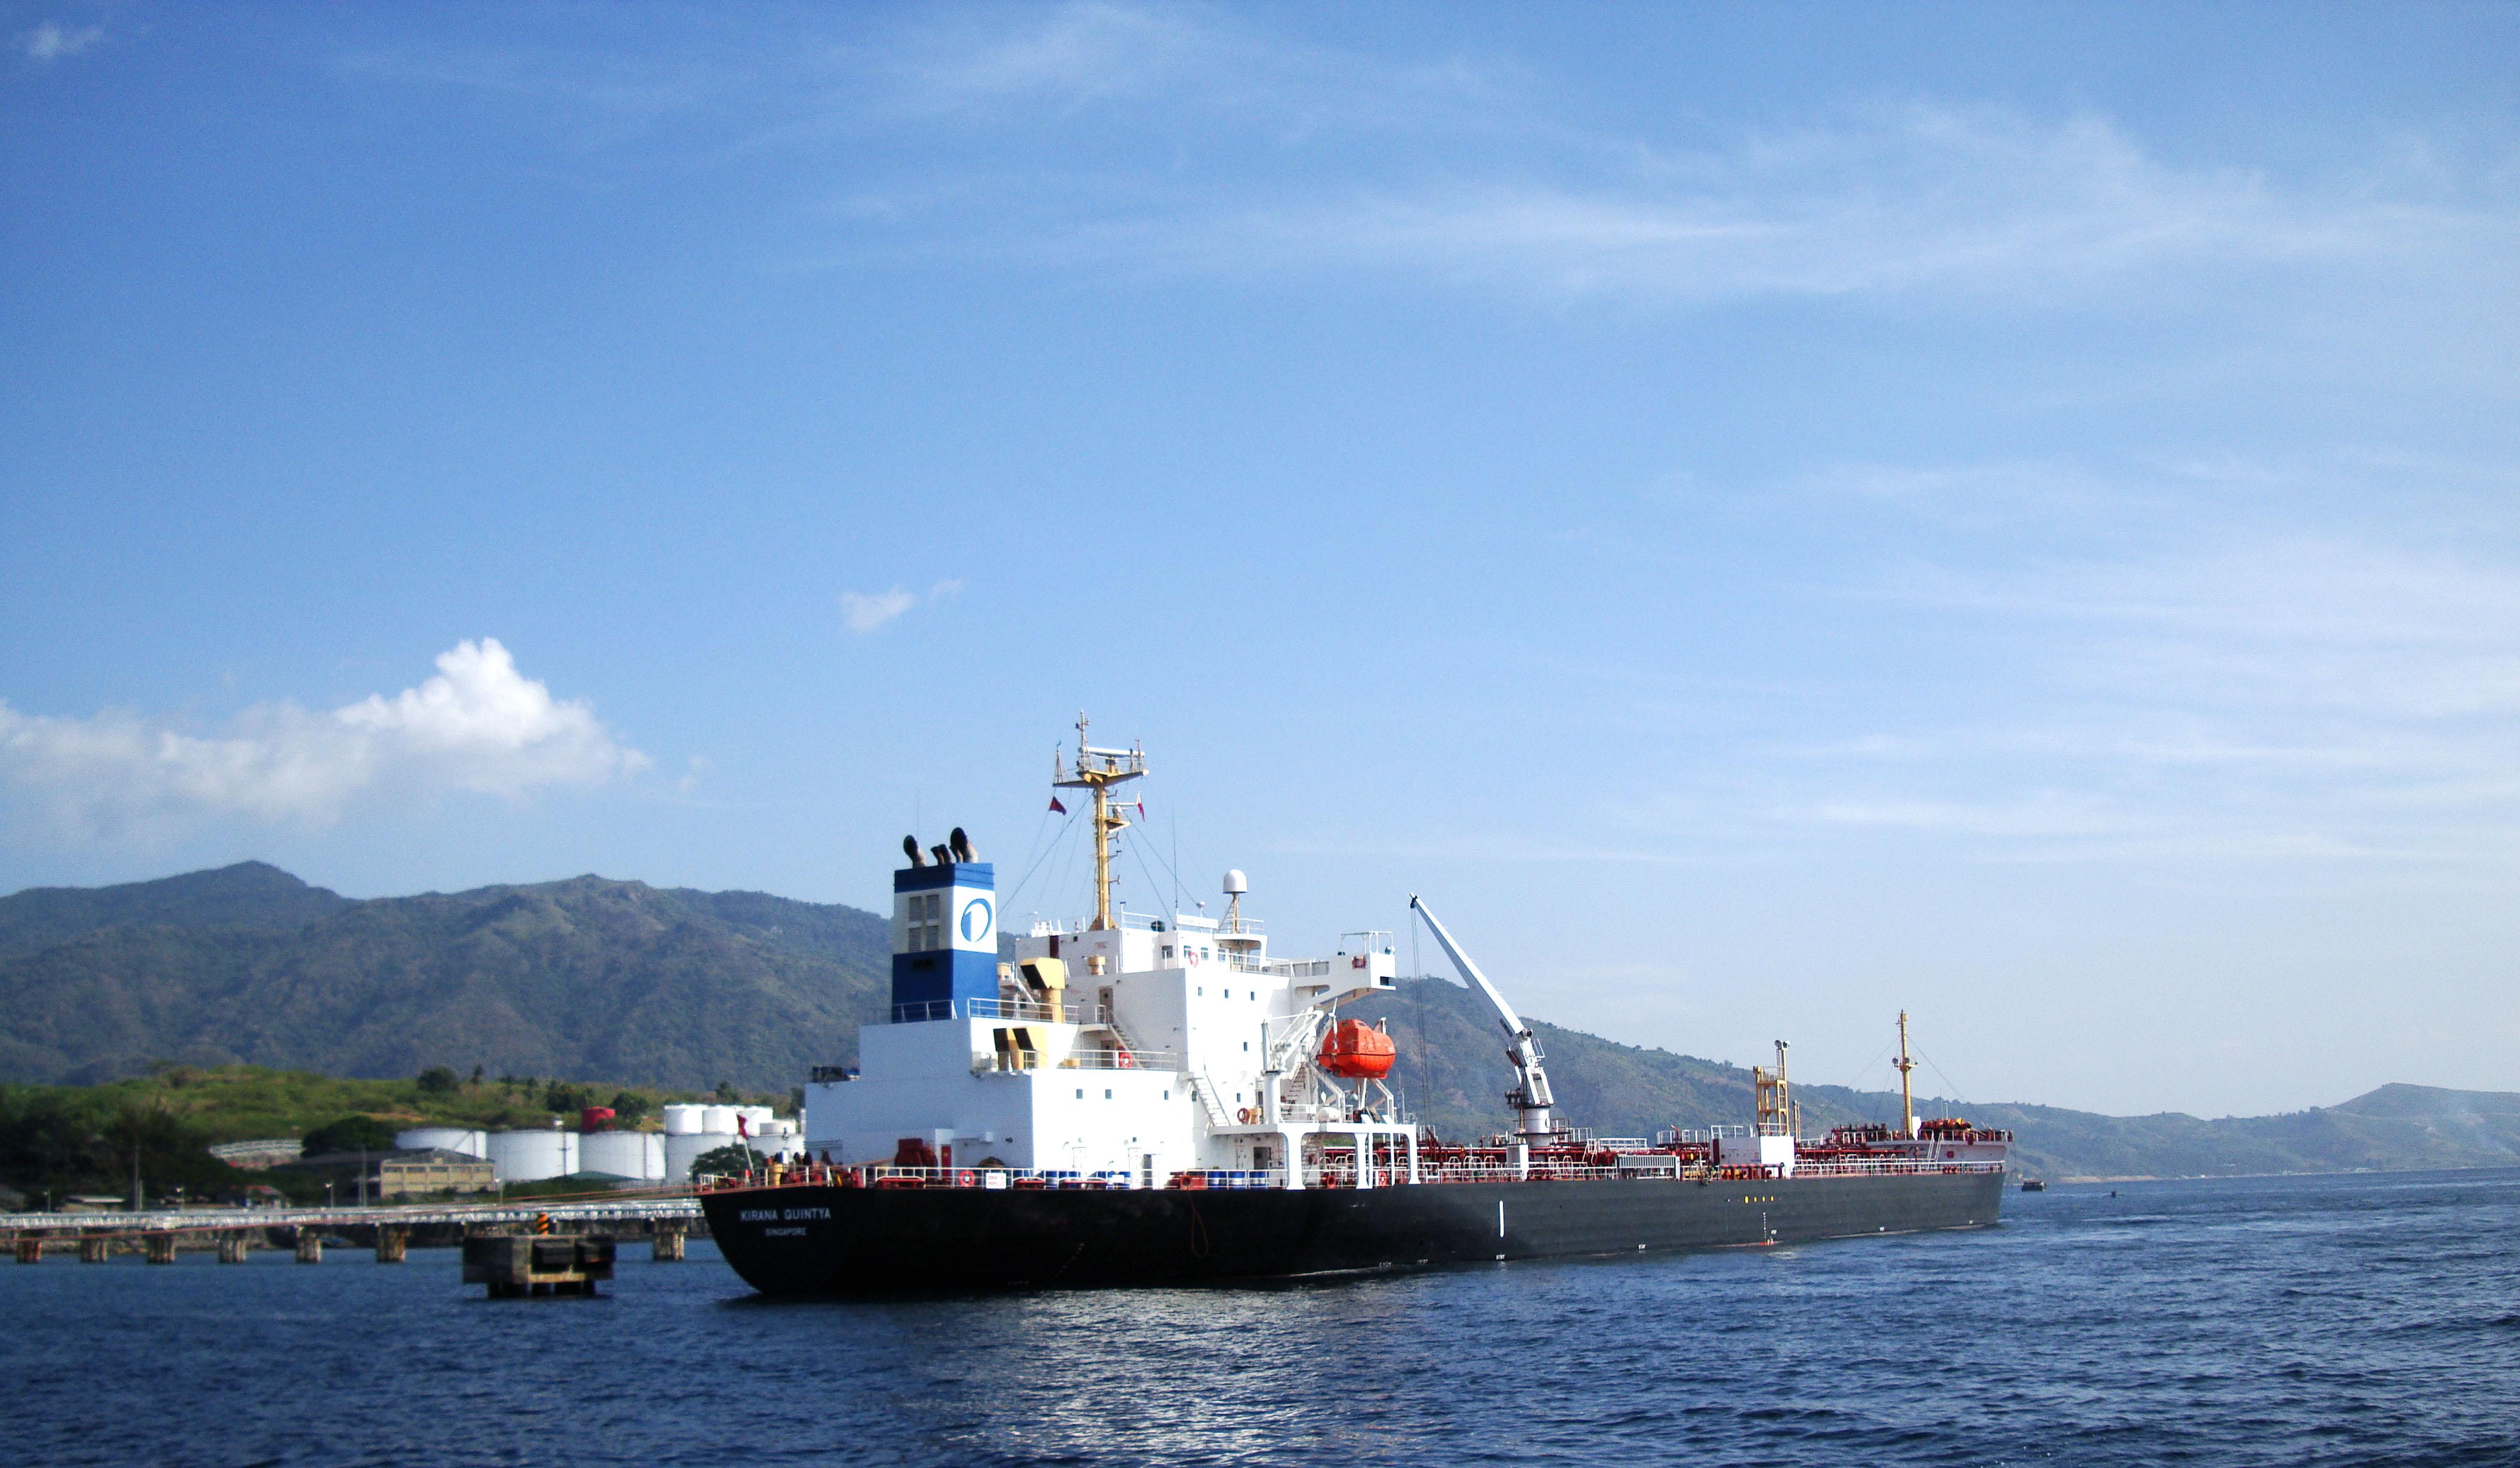 MV Kirana Quintya Batangus Philippines 10